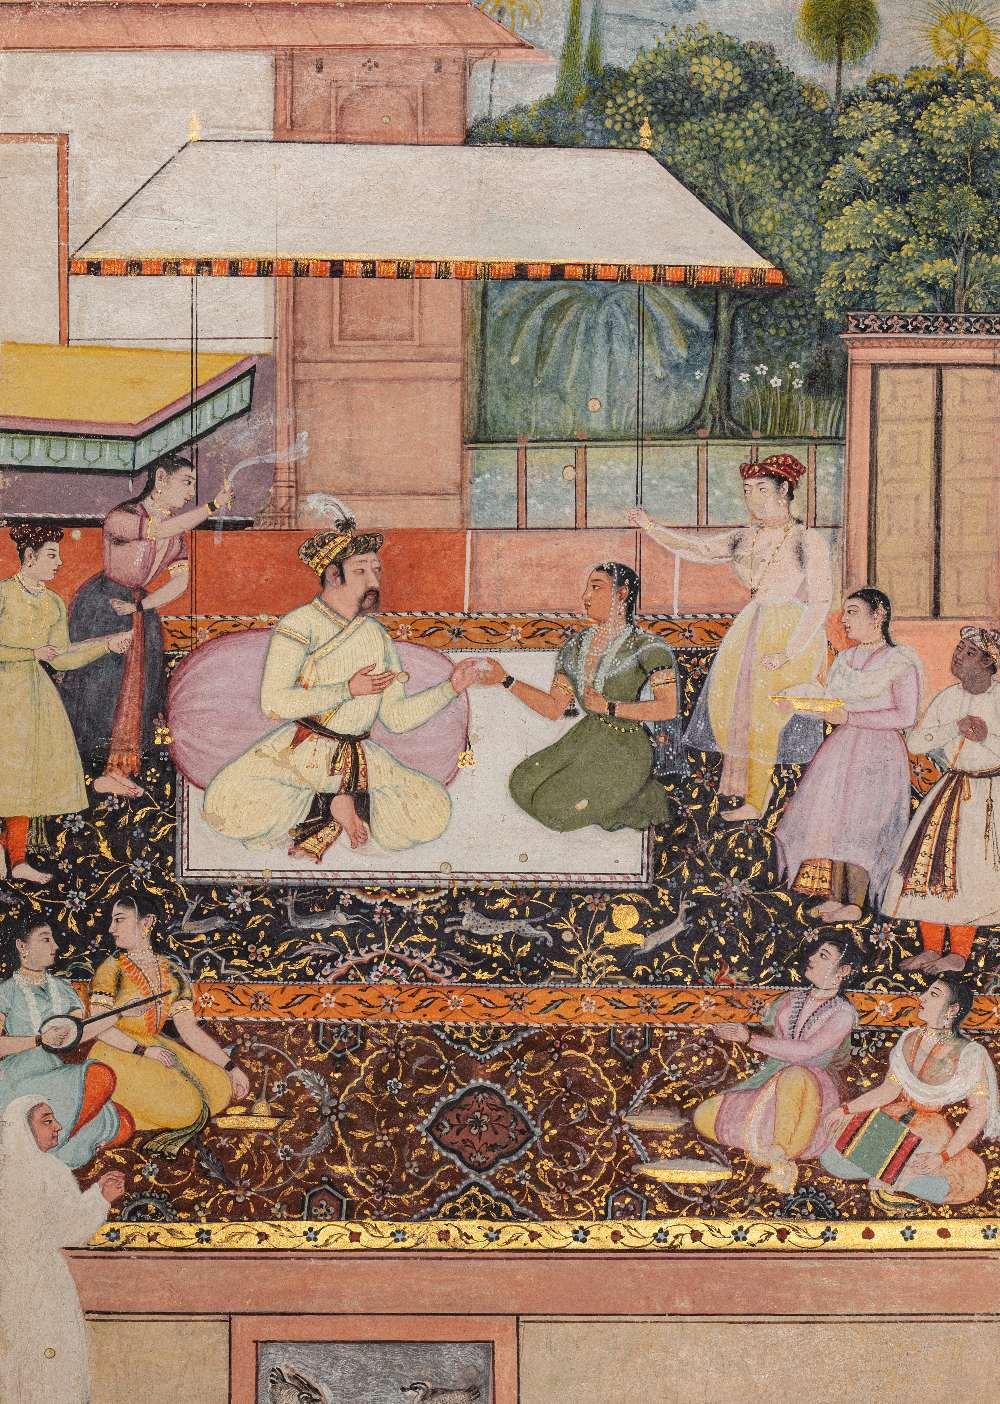 Portrait présumé du Prince moghol Daniyal Mirza (1572-1605)Inde moghole, vers 1610-1620Attribuable à - Image 4 of 5